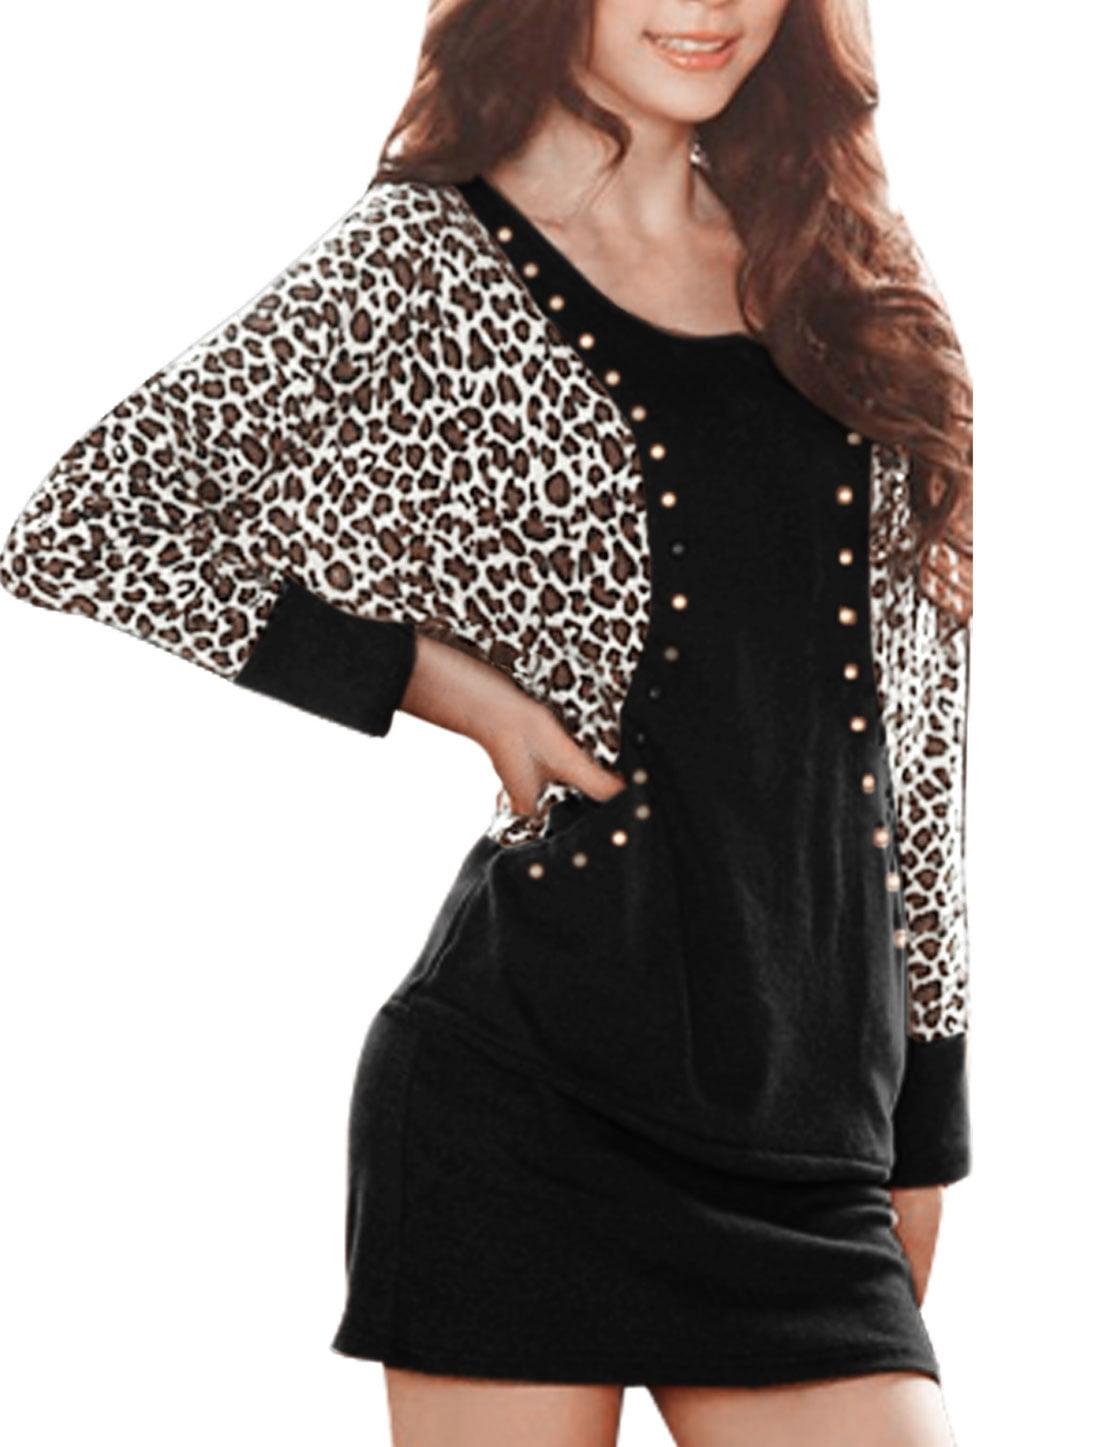 b8118ebb4fdf8 Unique Bargains Women s Plus Size Leopard Studs Batwing Bodycon ...